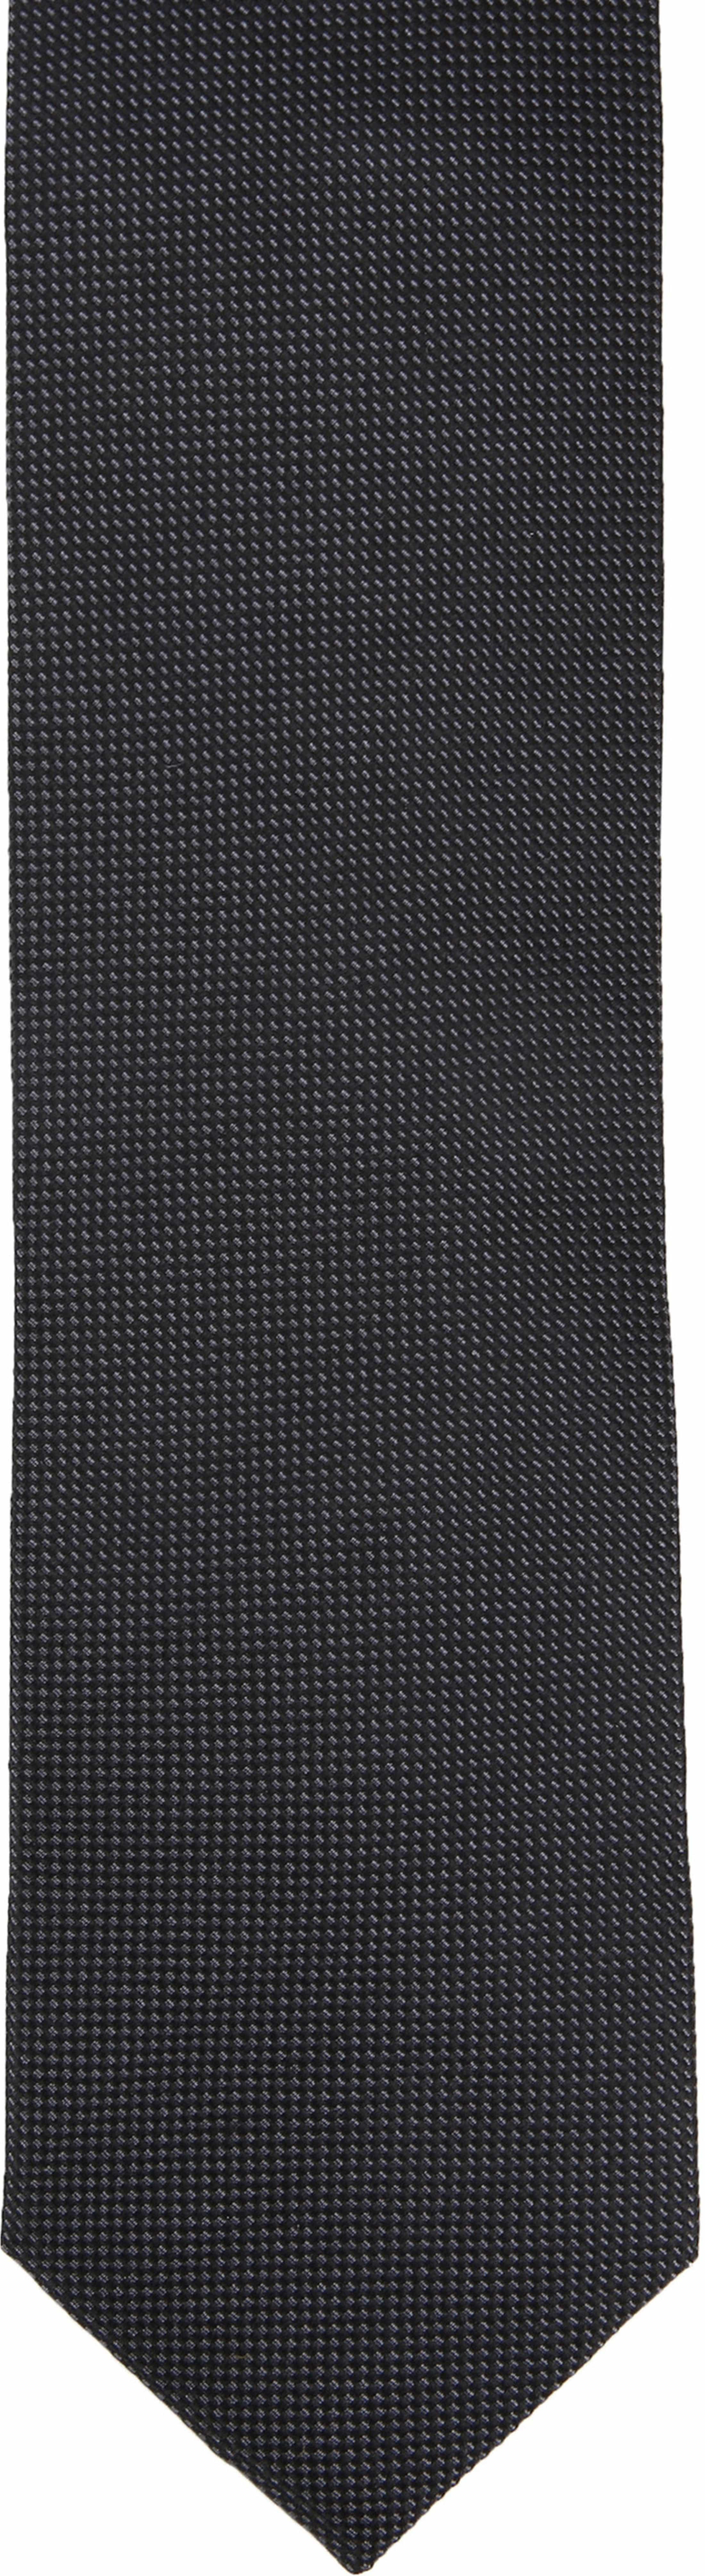 Suitable Tie Silk Black 10 foto 1